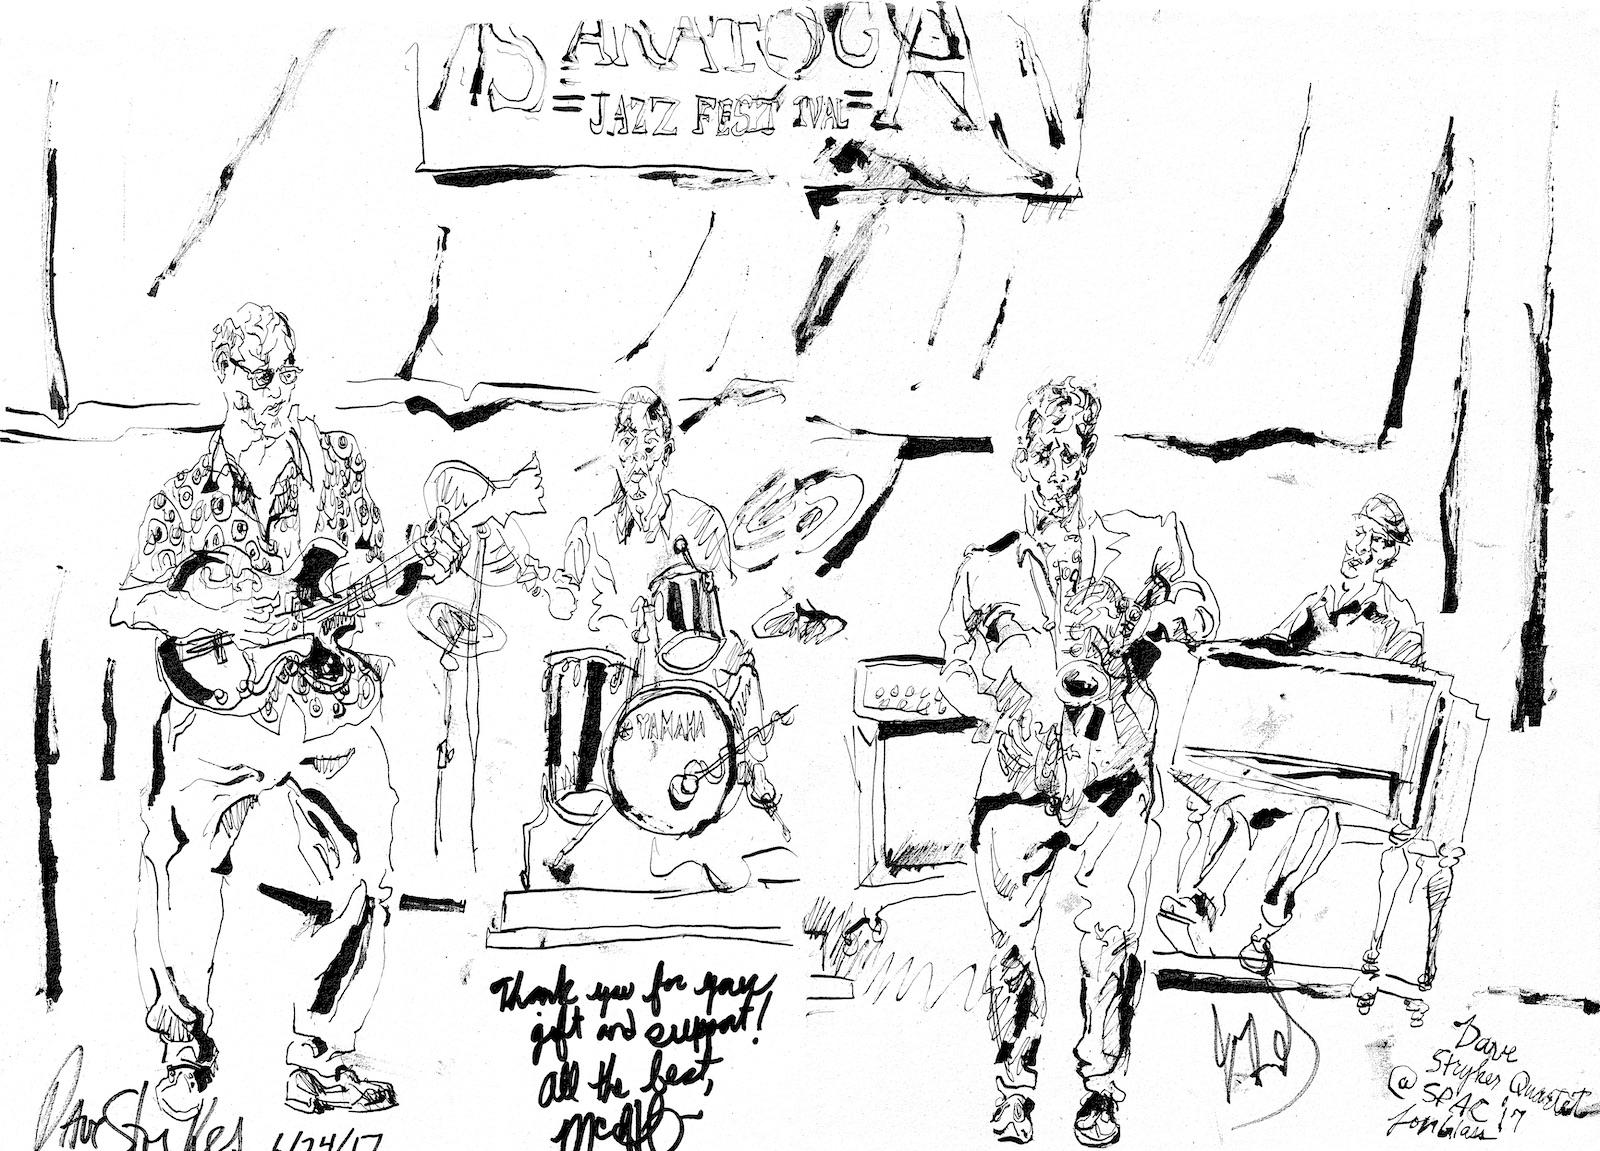 Dave stryker quartet at freihoffer s jazz festival %28spac%29